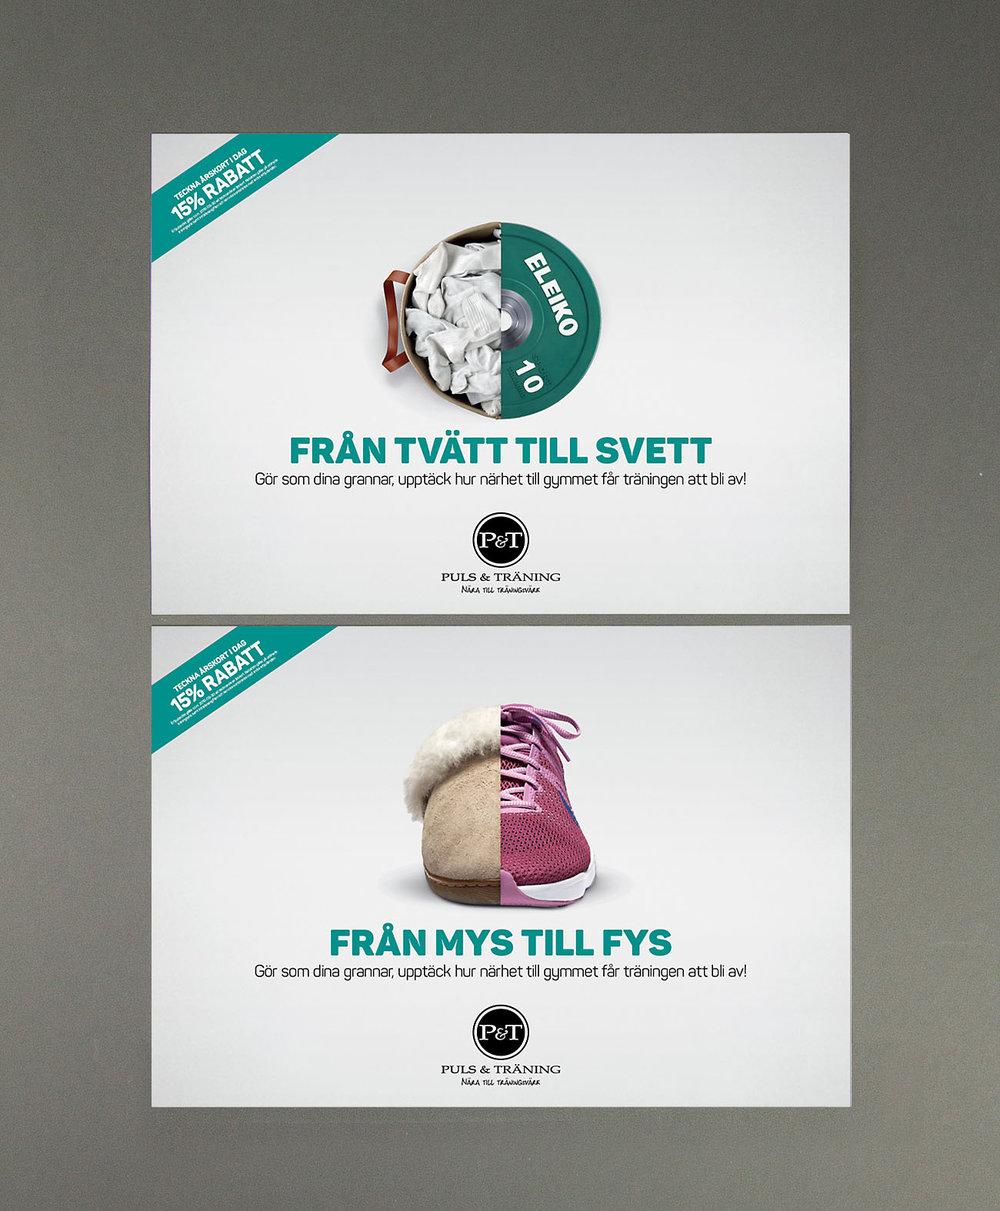 Två av de tre reklamlösningarna som tog fram